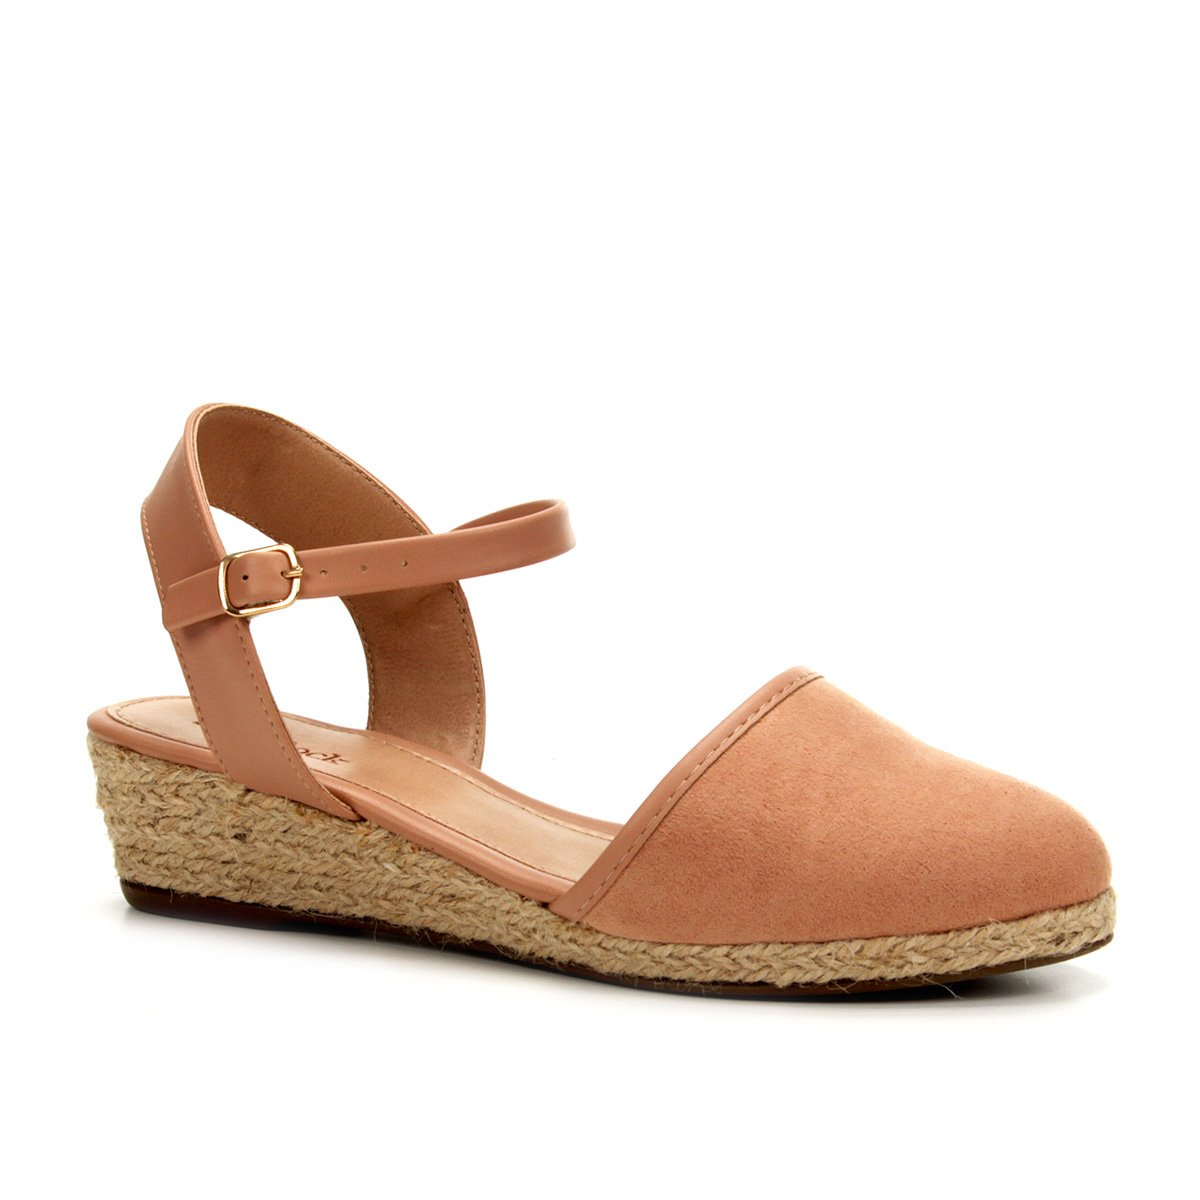 3265108e1 Sandália Anabela Shoestock Espadrille Linho Feminina - Caramelo | Shoestock